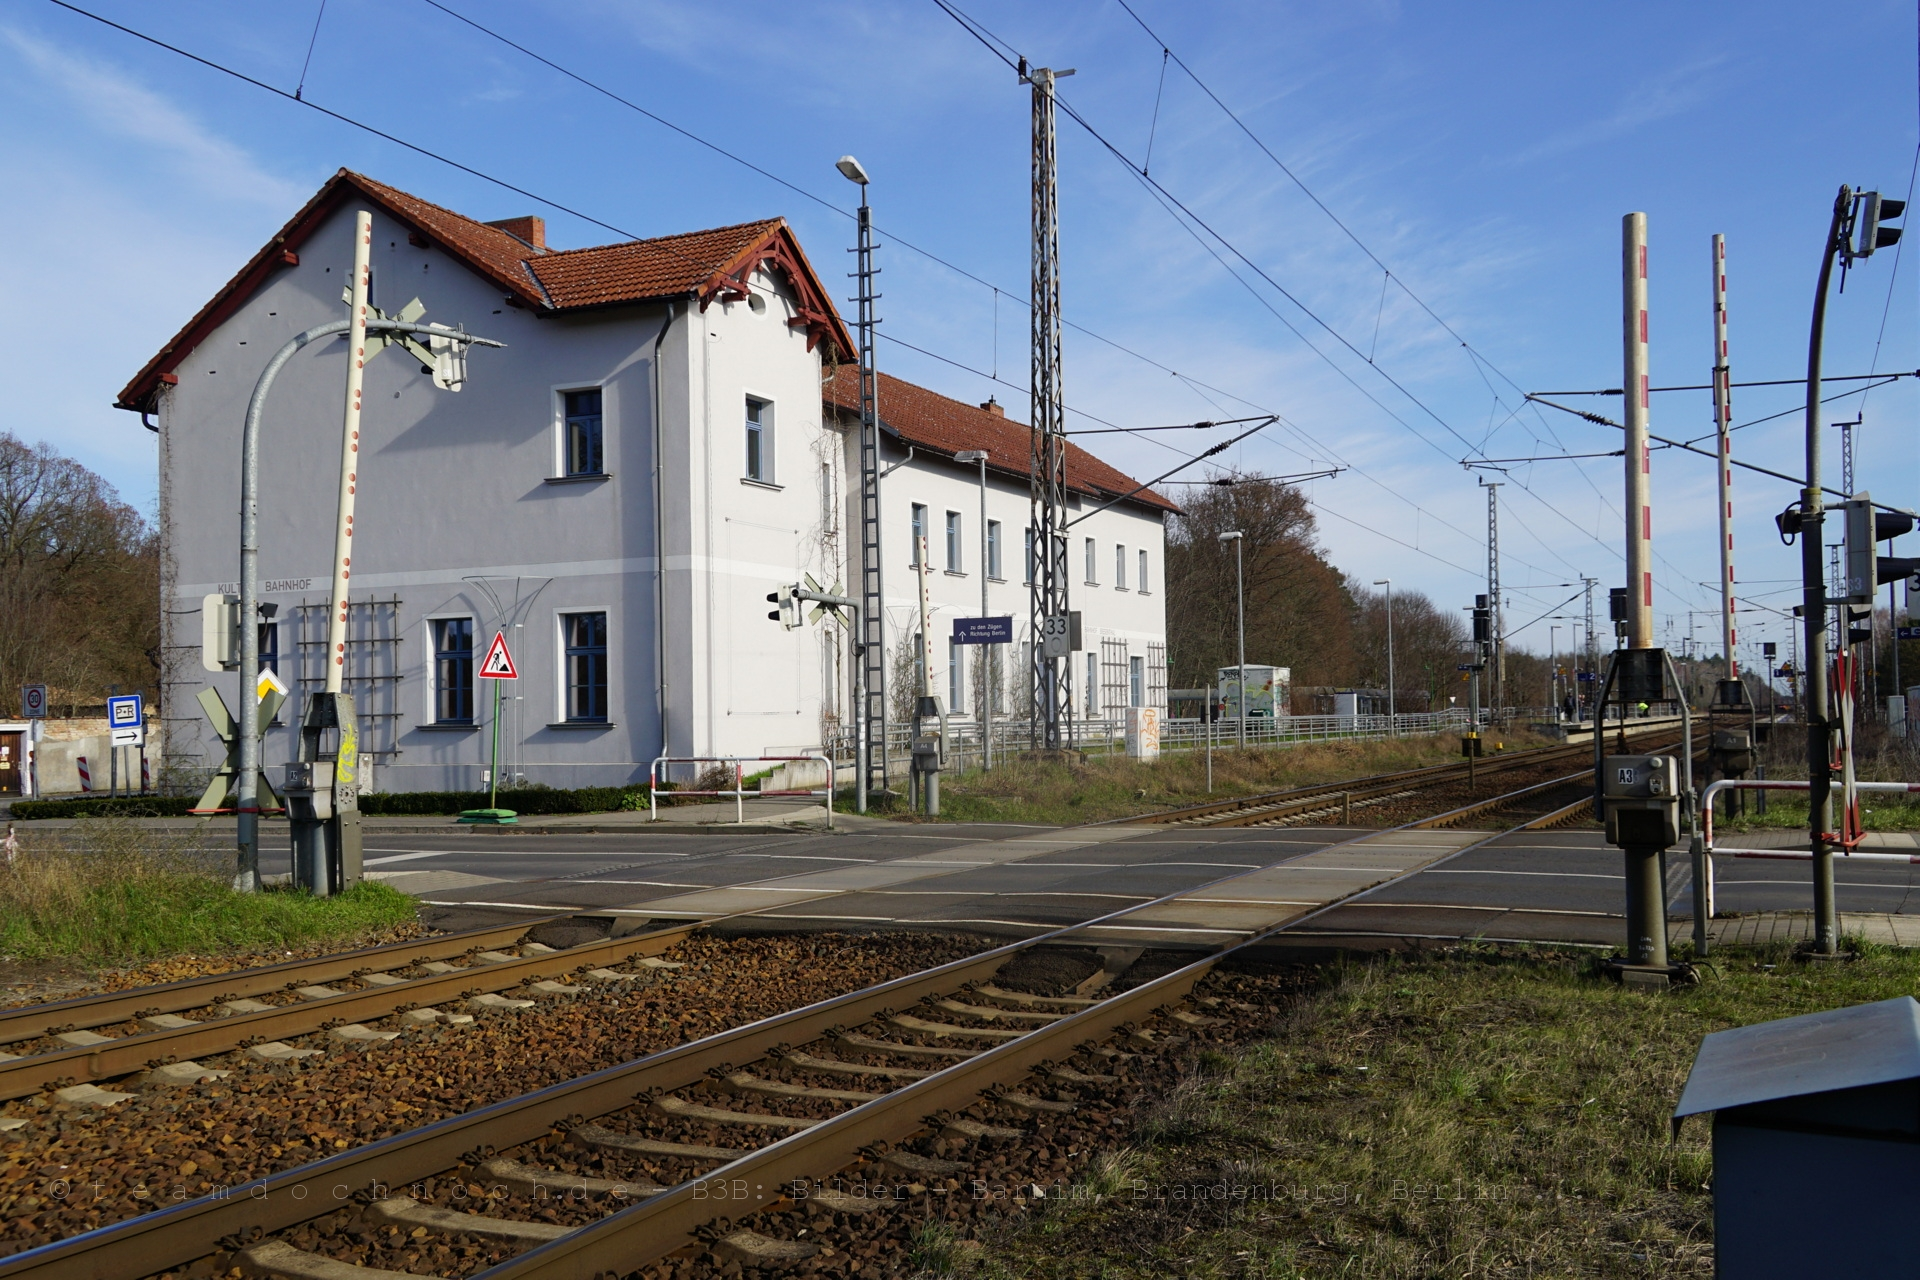 Empfangsgebäude und Bahnübergang L29 am Bahnhof Biesenthal